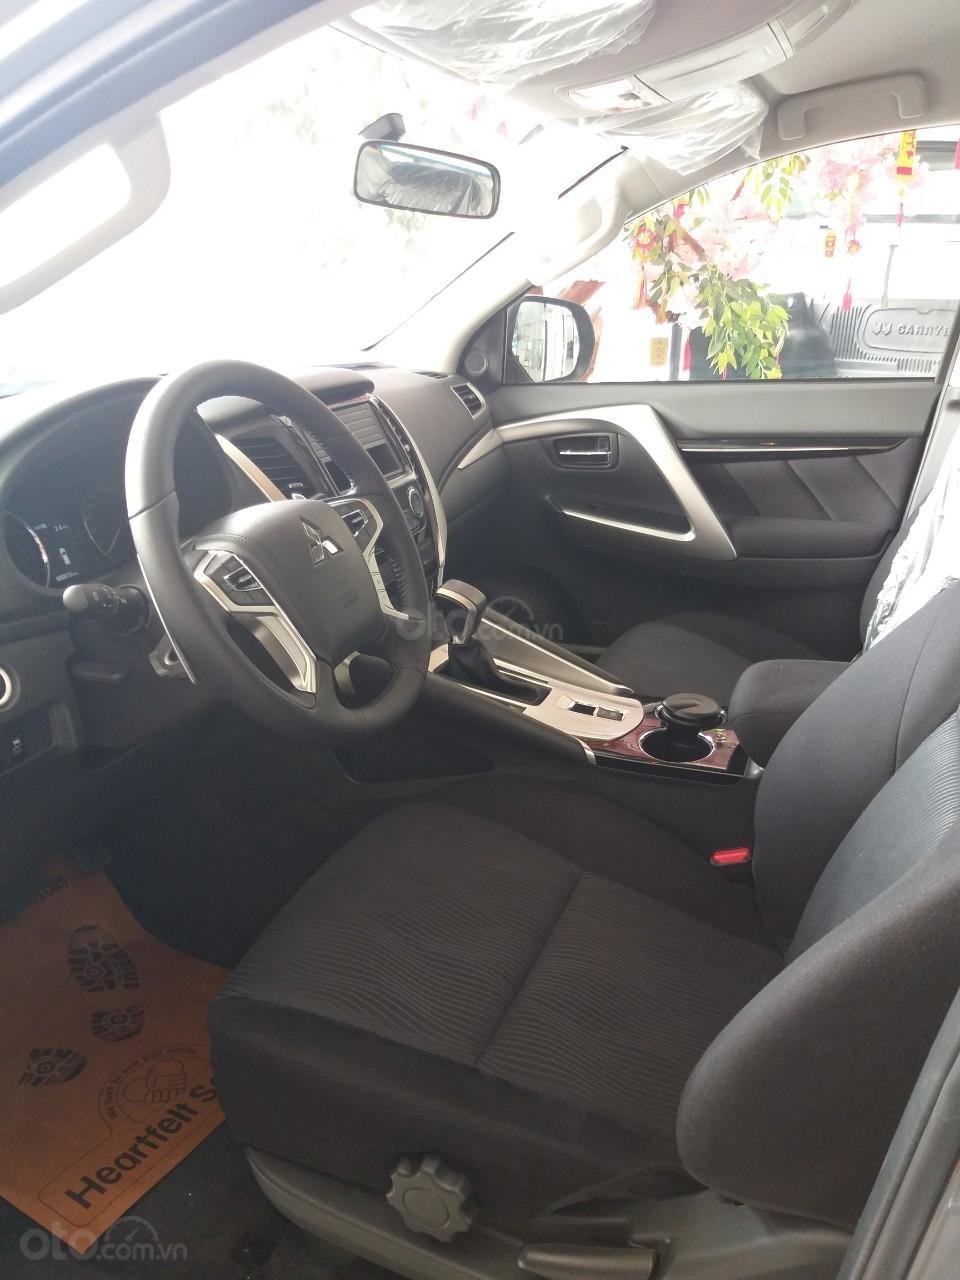 Bán xe Mitsubishi Pajero Sport sản xuất năm 2019, màu xám (ghi), xe nhập (2)